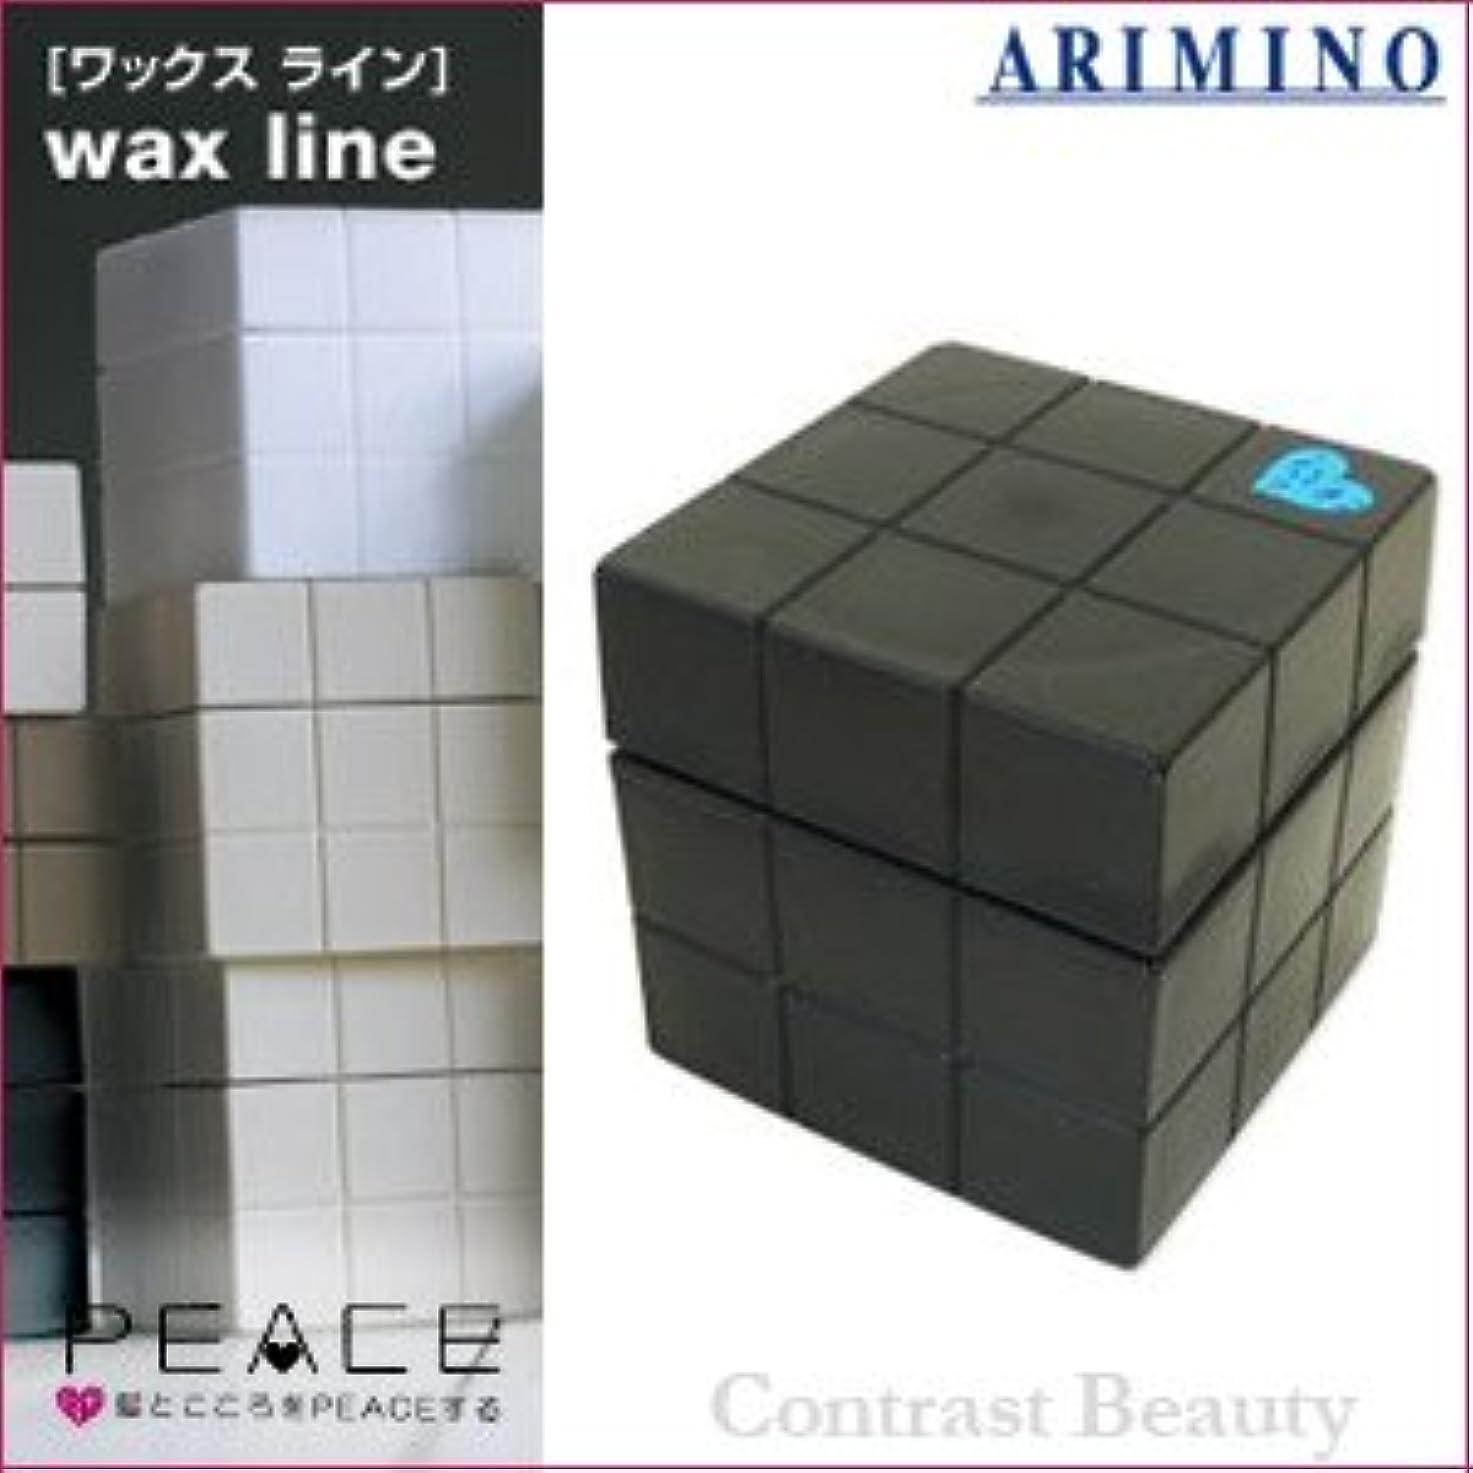 裏切り者バターチラチラする【X4個セット】 アリミノ ピース プロデザインシリーズ フリーズキープワックス ブラック 80g